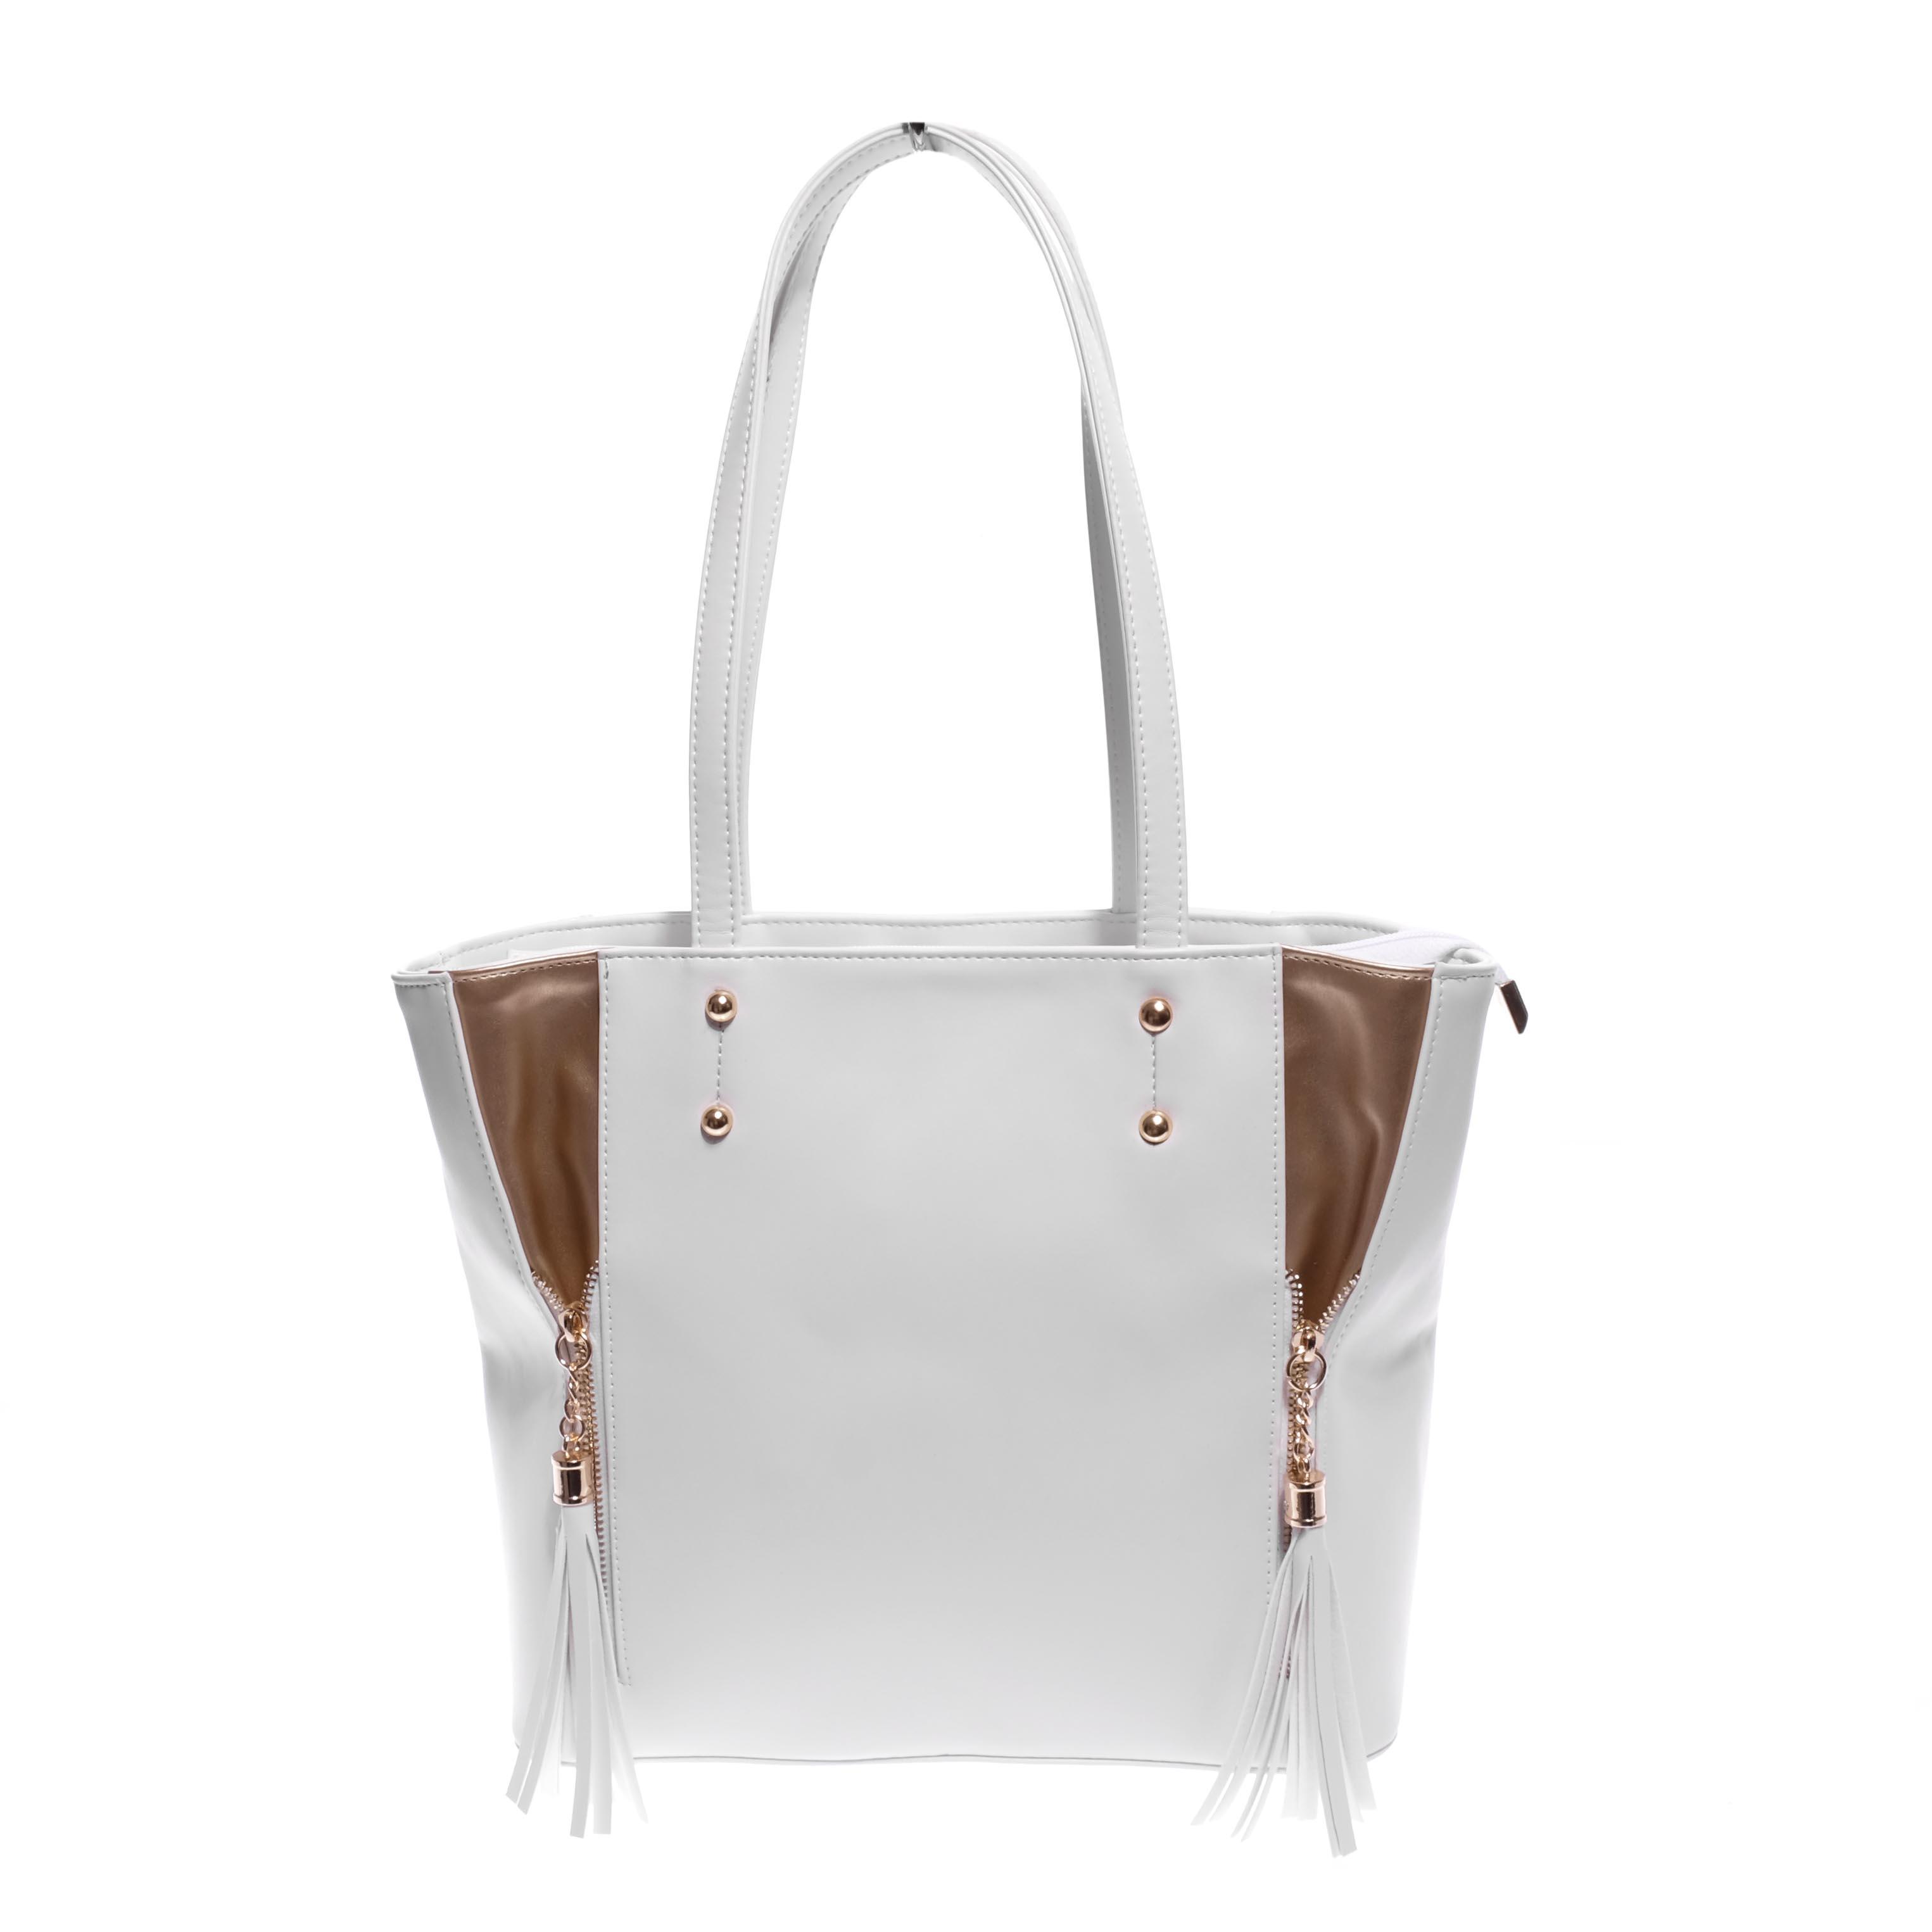 7cb22c3198c7 Prestige Fehér Női Rostbőr Válltáska - Válltáskák - Táska webáruház - Minőségi  táskák mindenkinek